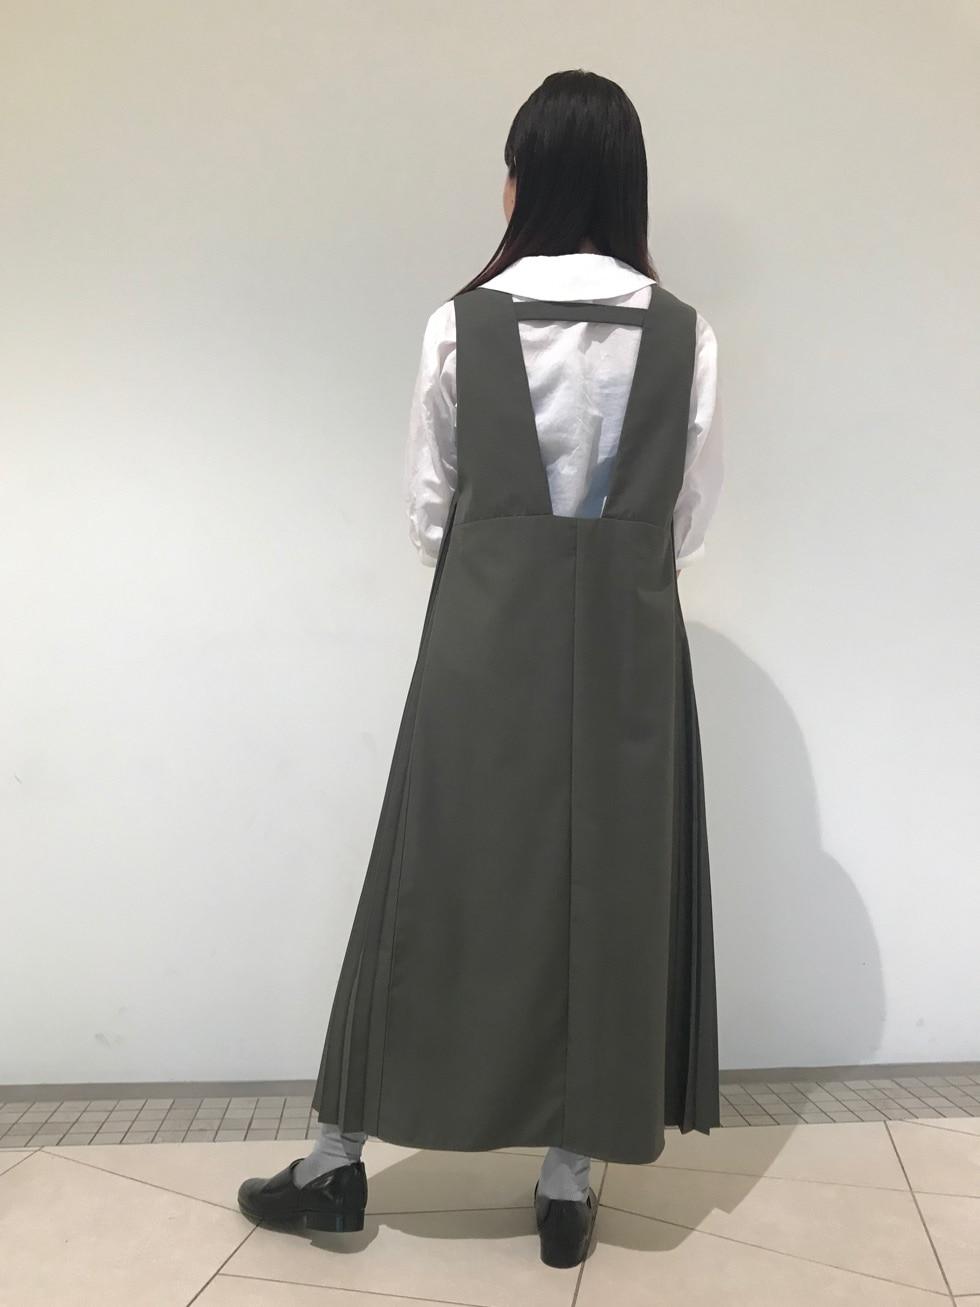 l'atelier du savon 東京スカイツリータウン・ソラマチ 身長:154cm 2020.07.04